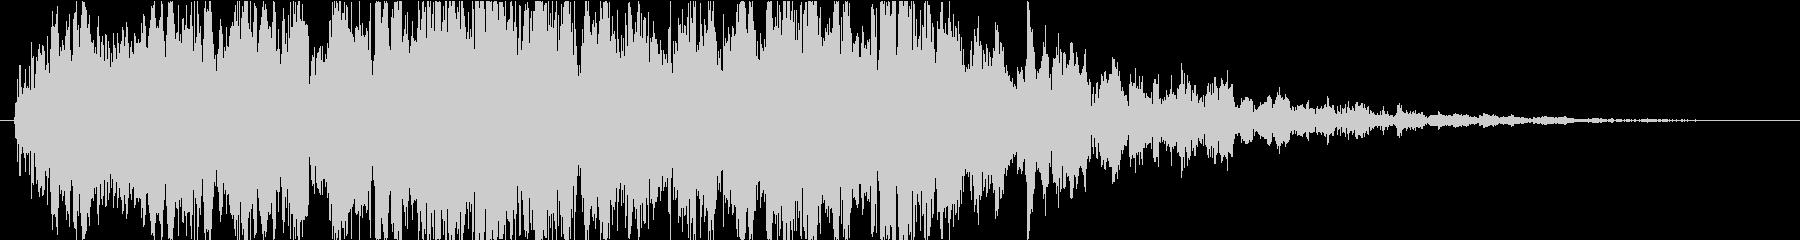 ピコピコ(神秘的な宇宙ミステリー)の未再生の波形